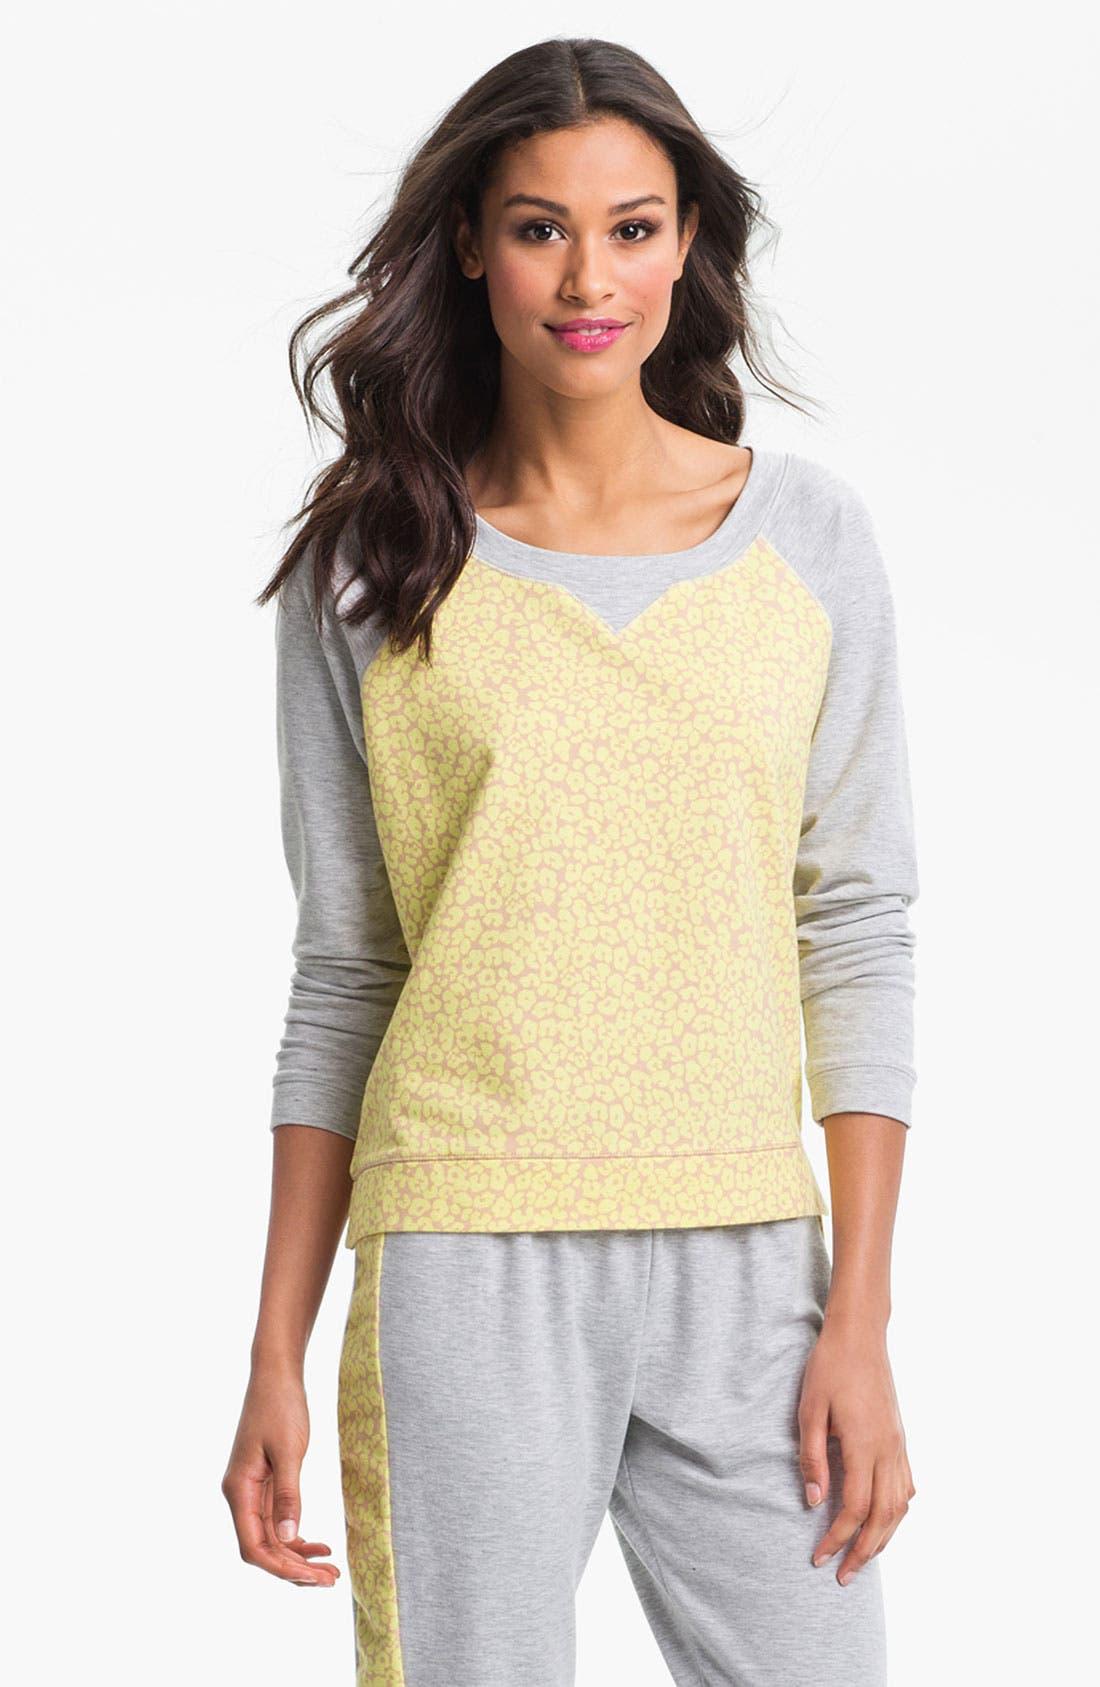 Alternate Image 1 Selected - Kensie 'Mix Master' Sweatshirt